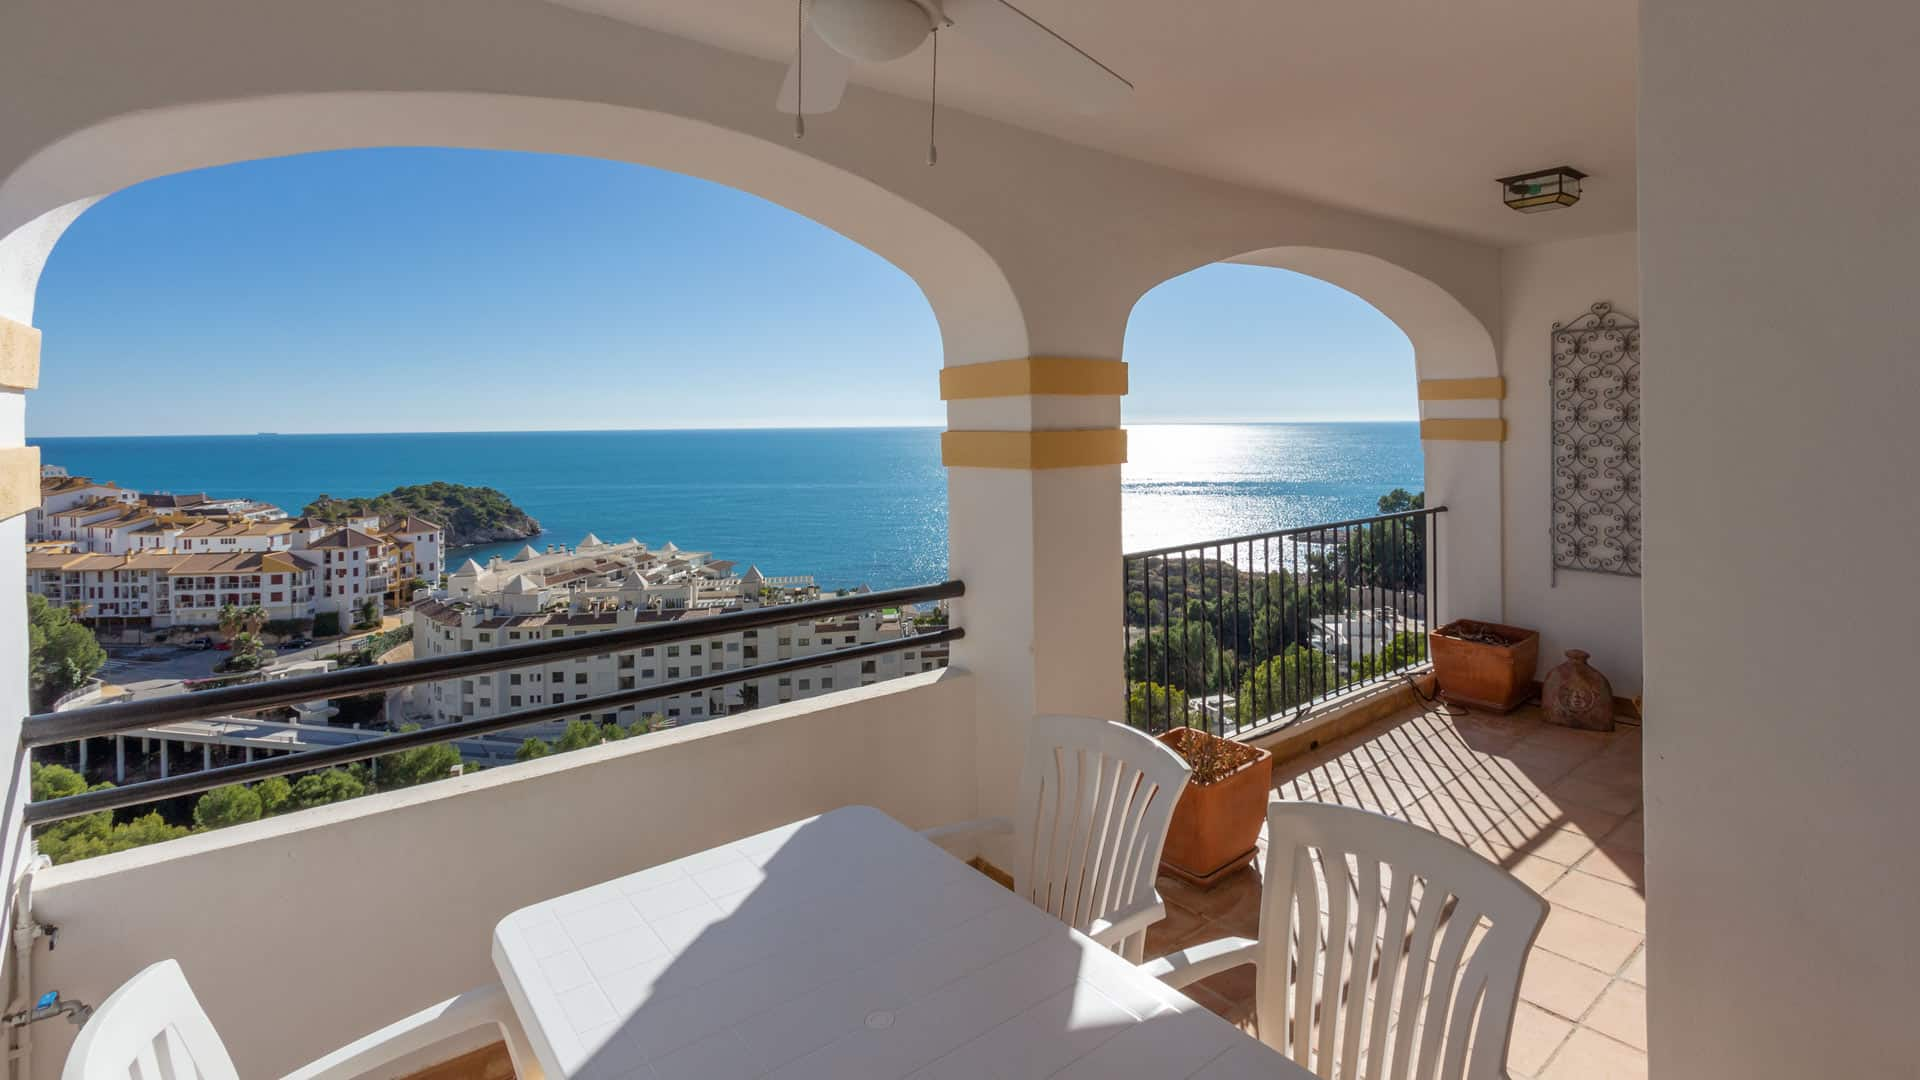 Apartamento en Altea con vistas al mar 1